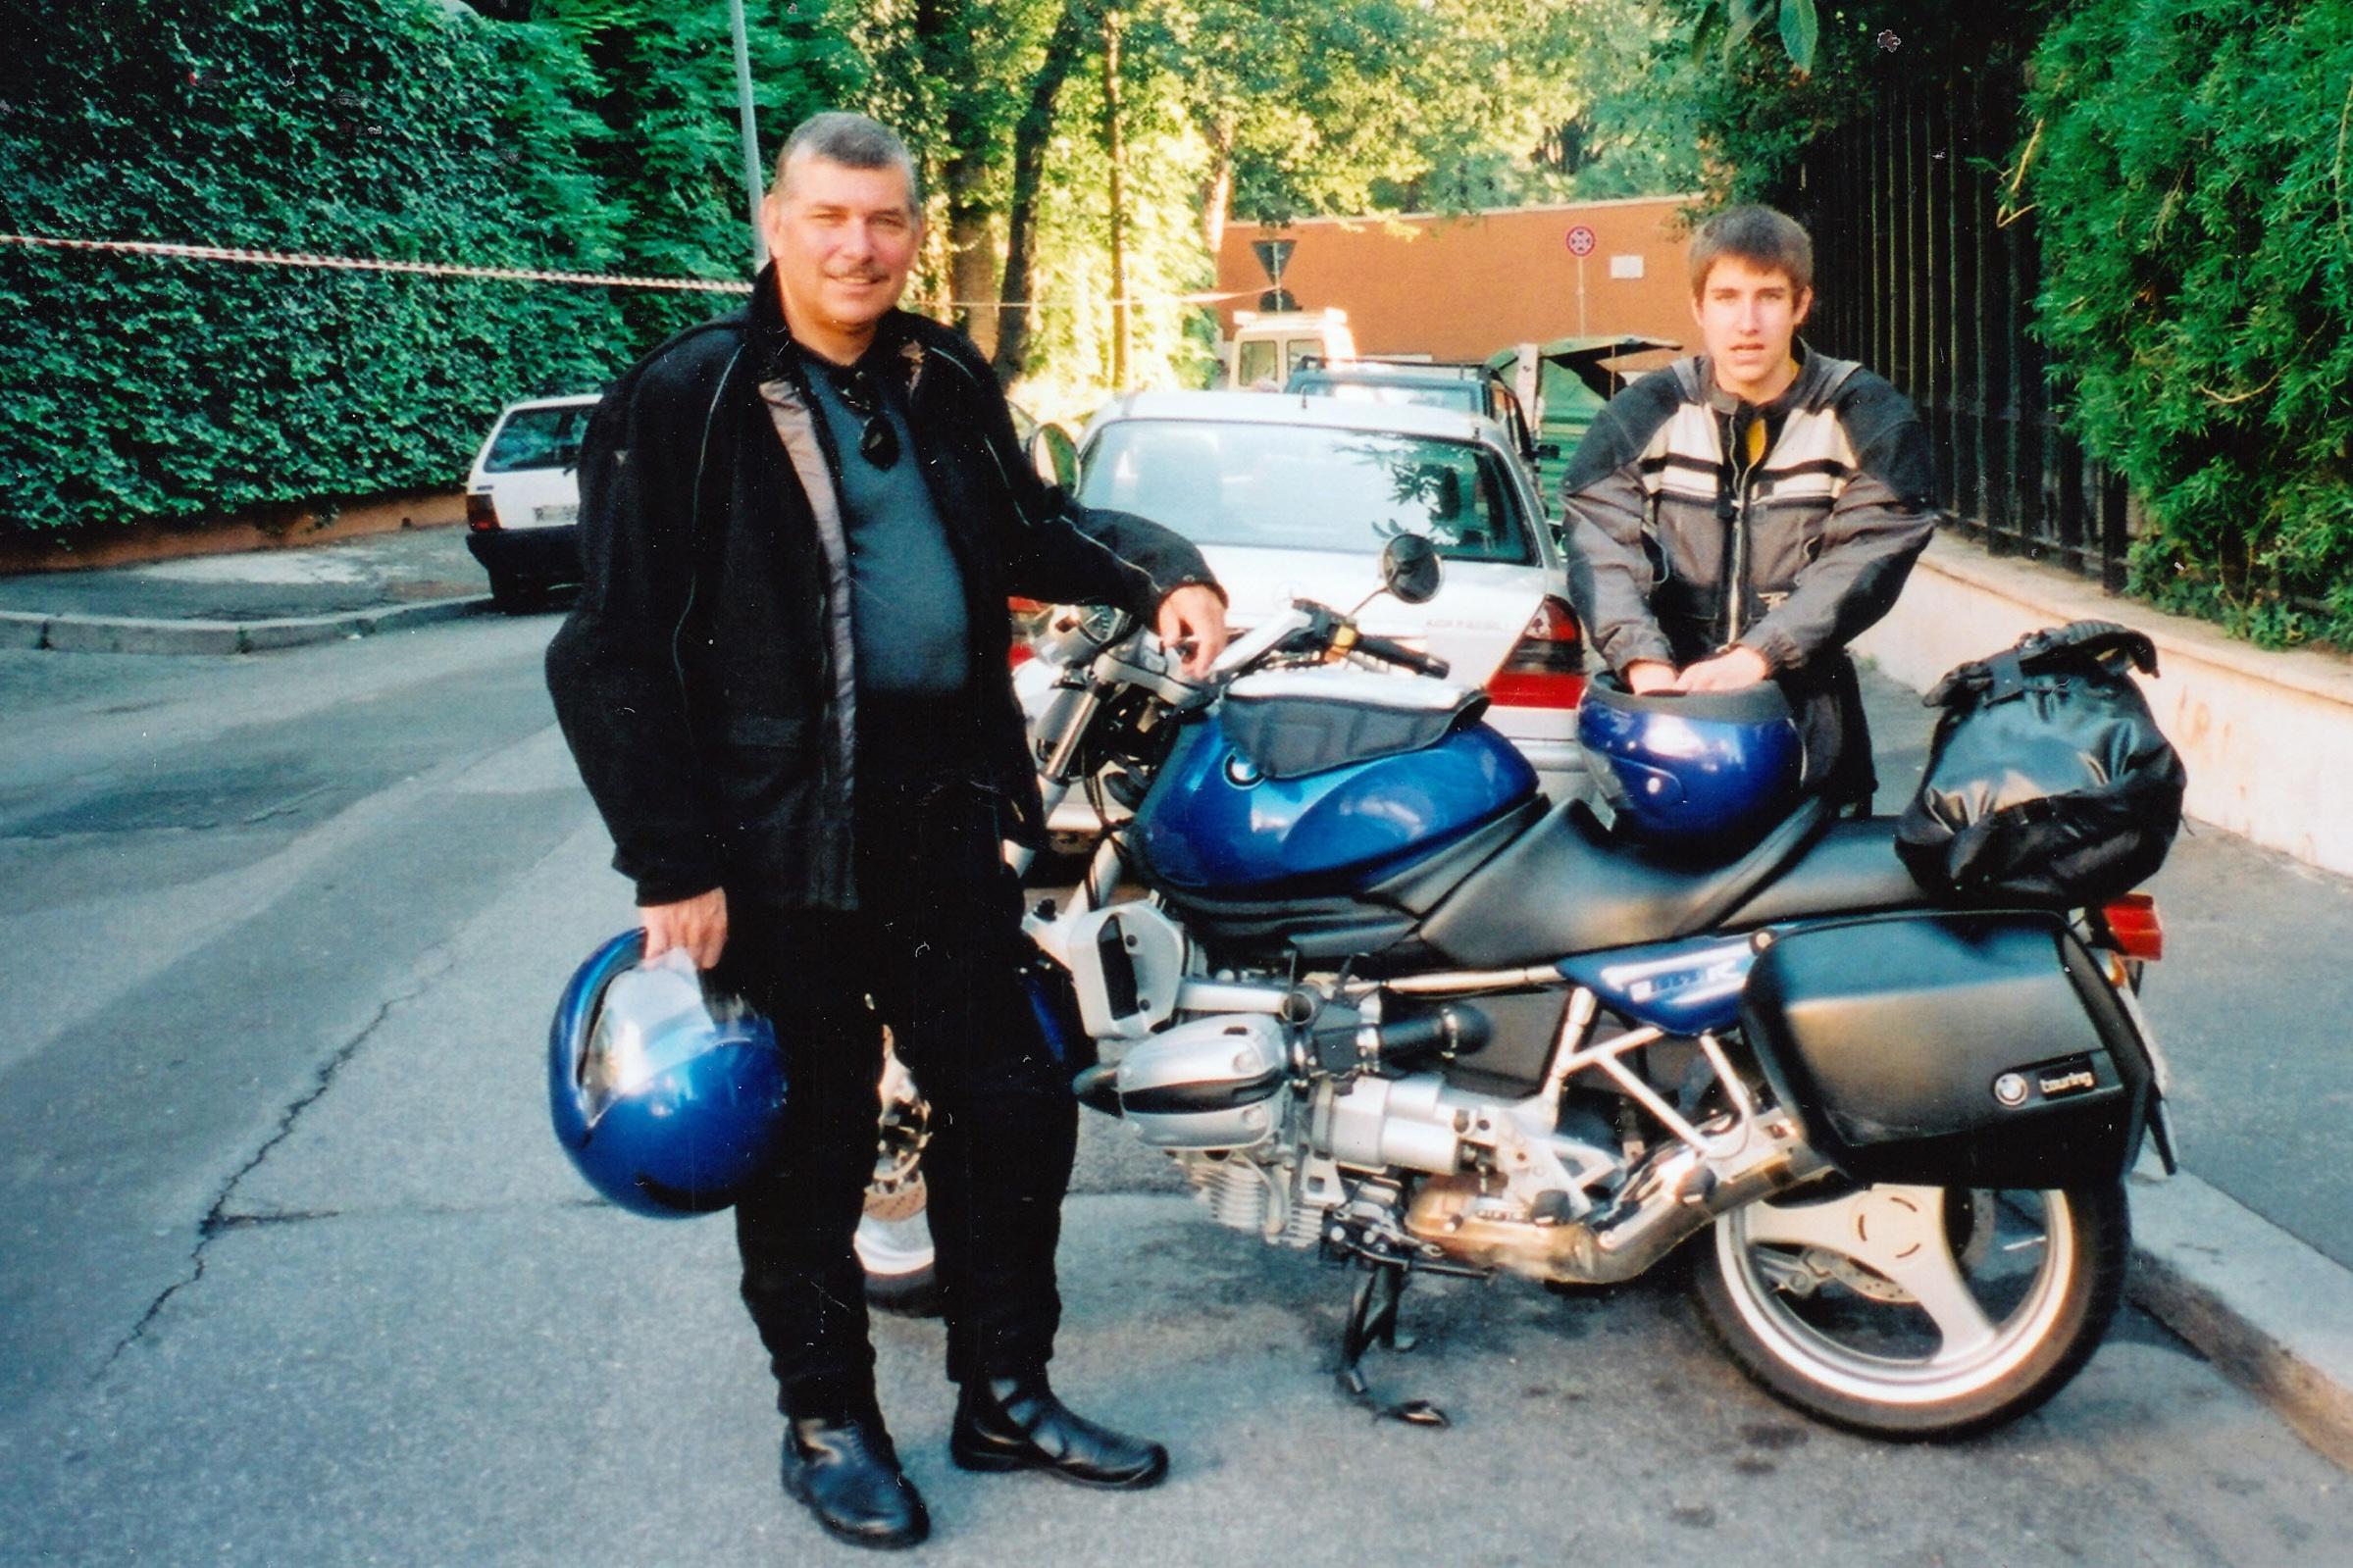 Motorradfahrer mit einem Jungen vor einer bepackten BMW R 1150 R auf großer Tour von Rom nach Bayern